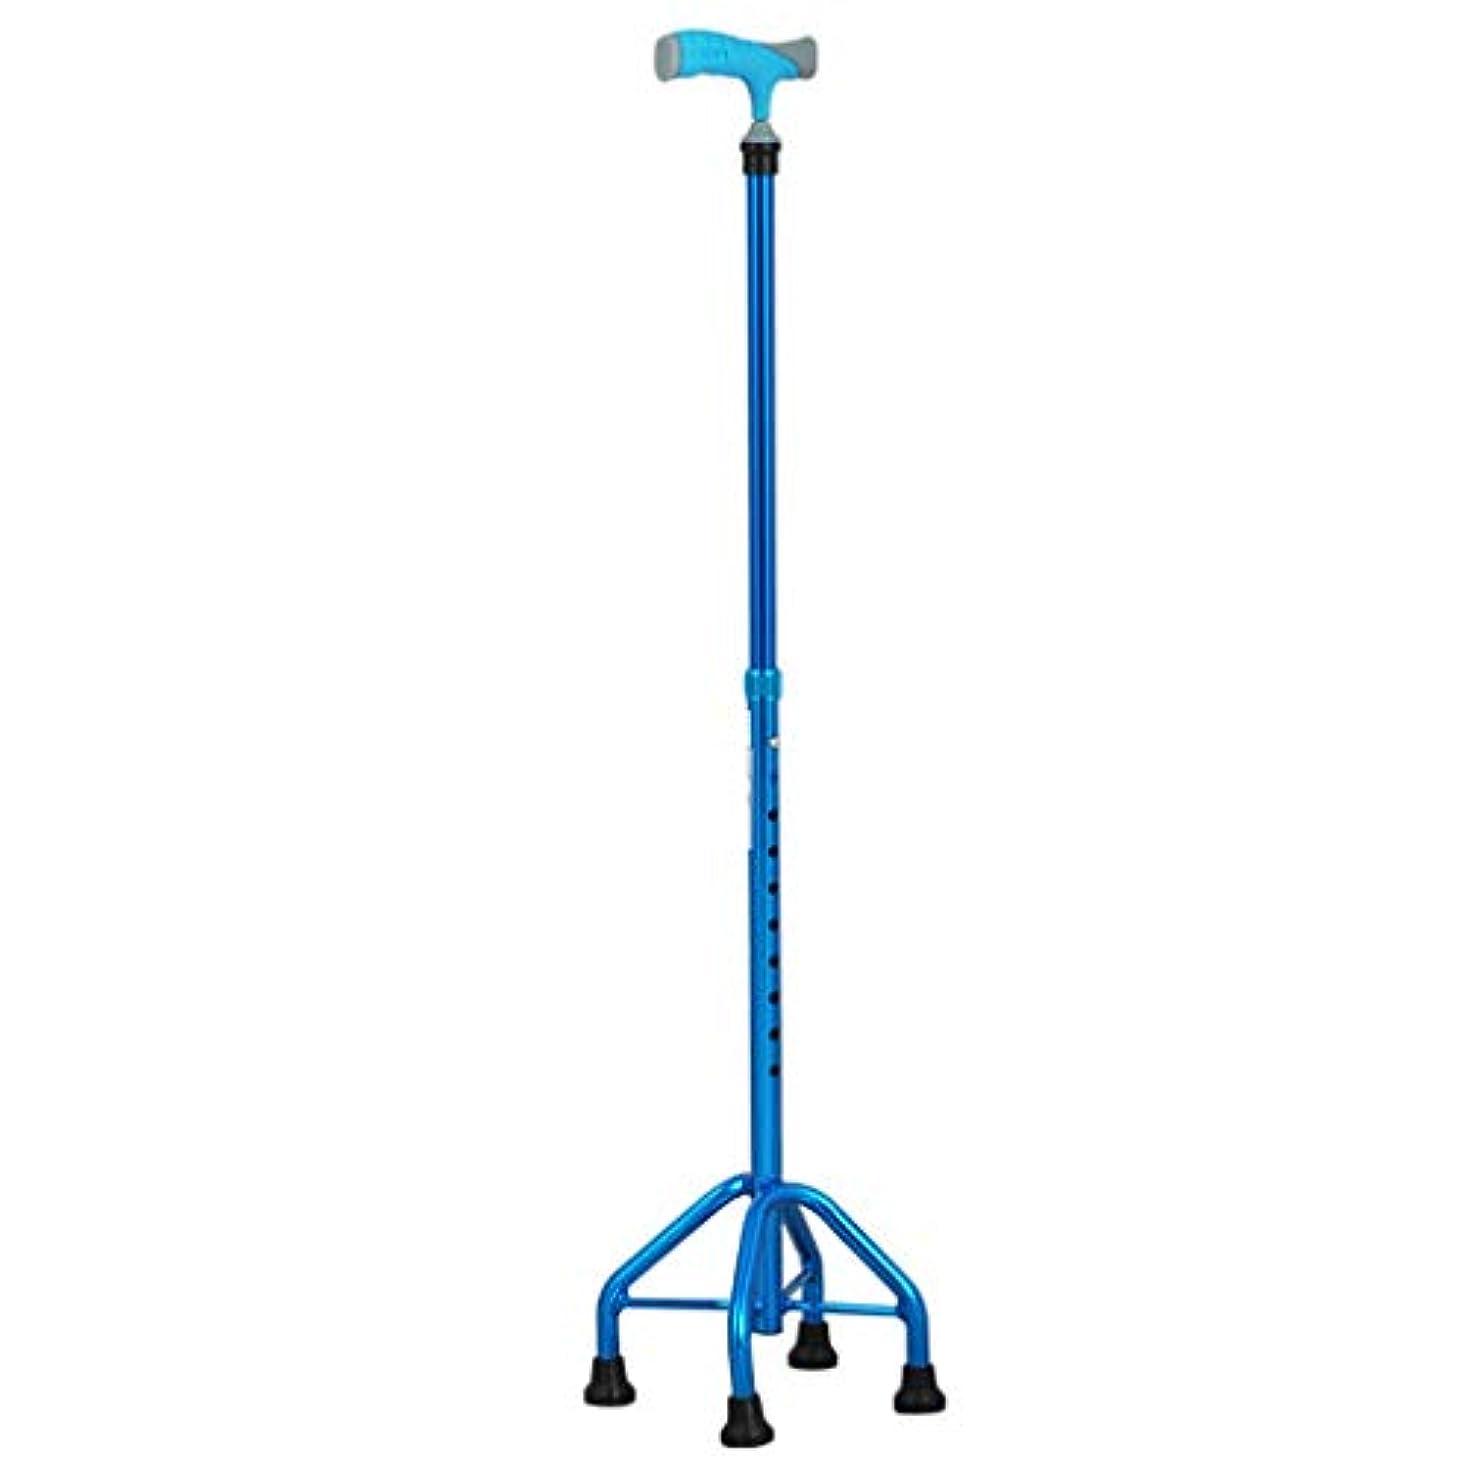 毎日コールレコーダーステッキ - 青い4本足の杖アルミ合金の携帯用調節可能な高さ71-95 Cm杖